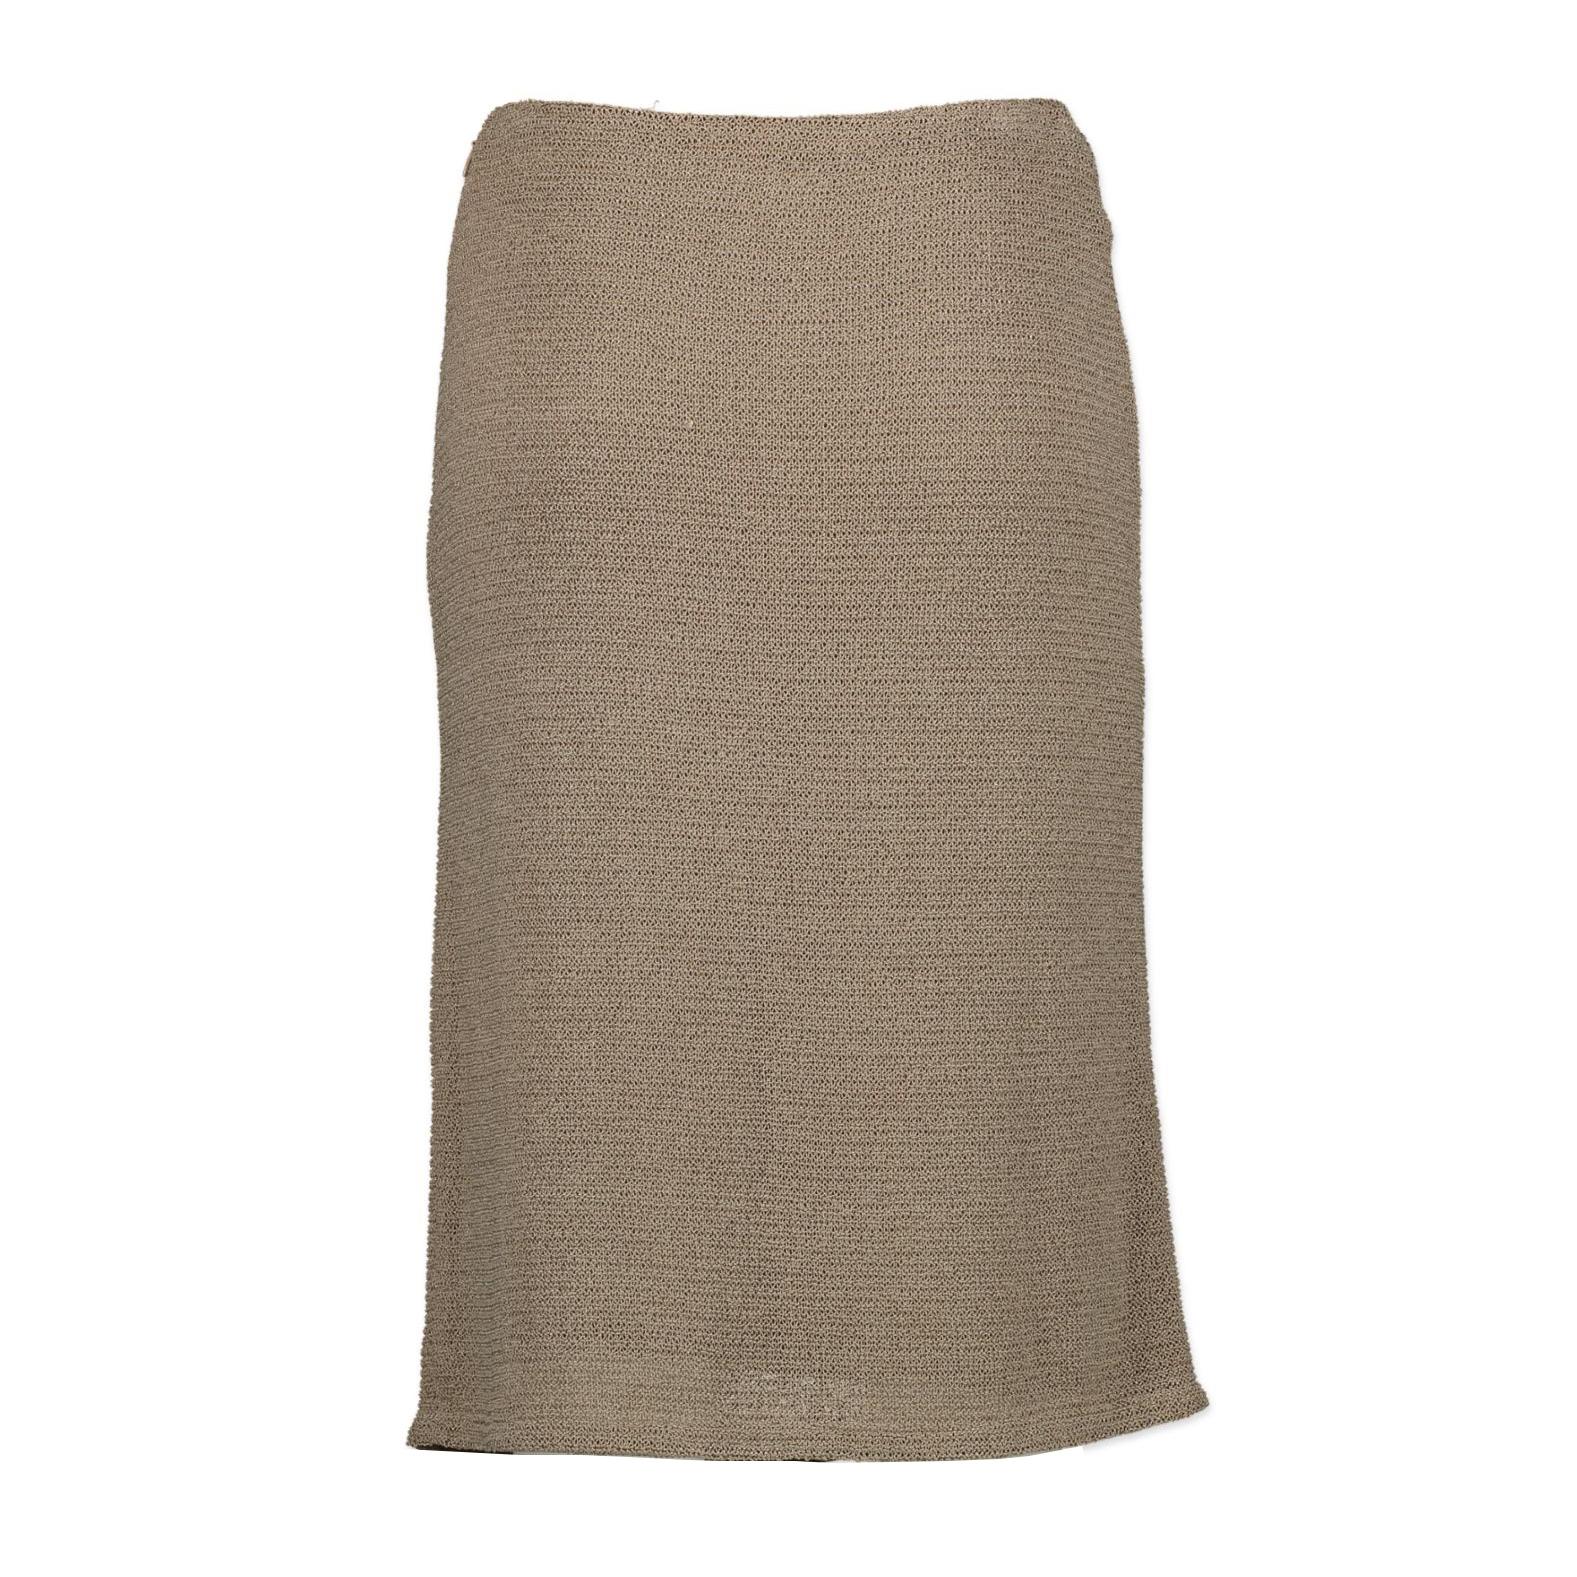 Chanel Beige Pencil Skirt kopen aan de beste prijs bij Labellov tweedehands luxe